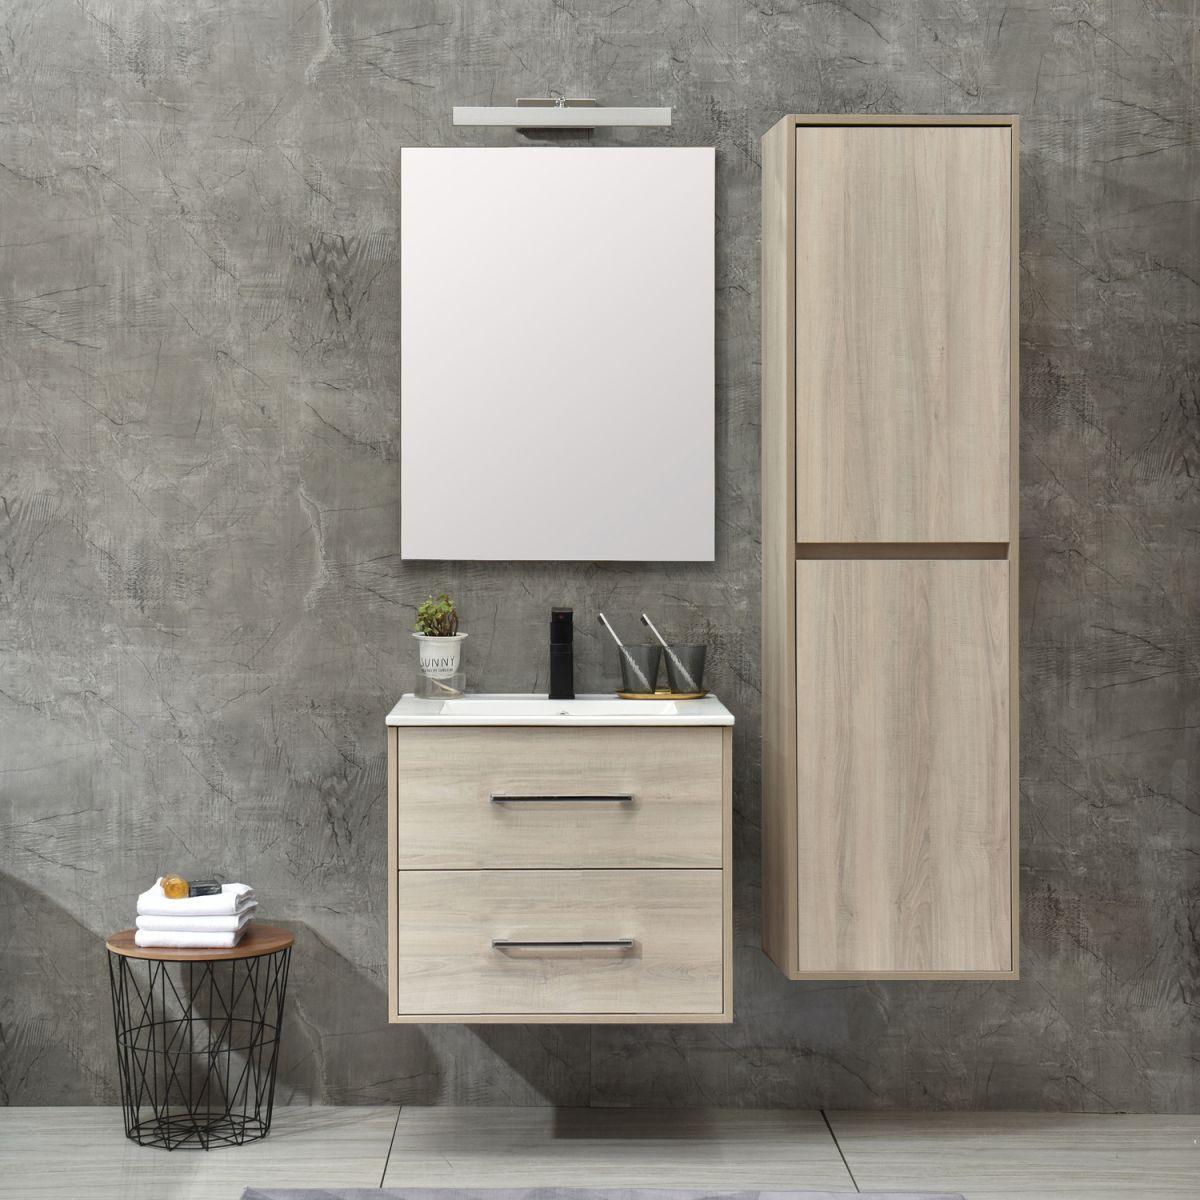 MF 1805 0 W 1 Mobile bagno Praga sospeso 60 cm bianco effetto legno con lavabo,specchio e colonna pensile